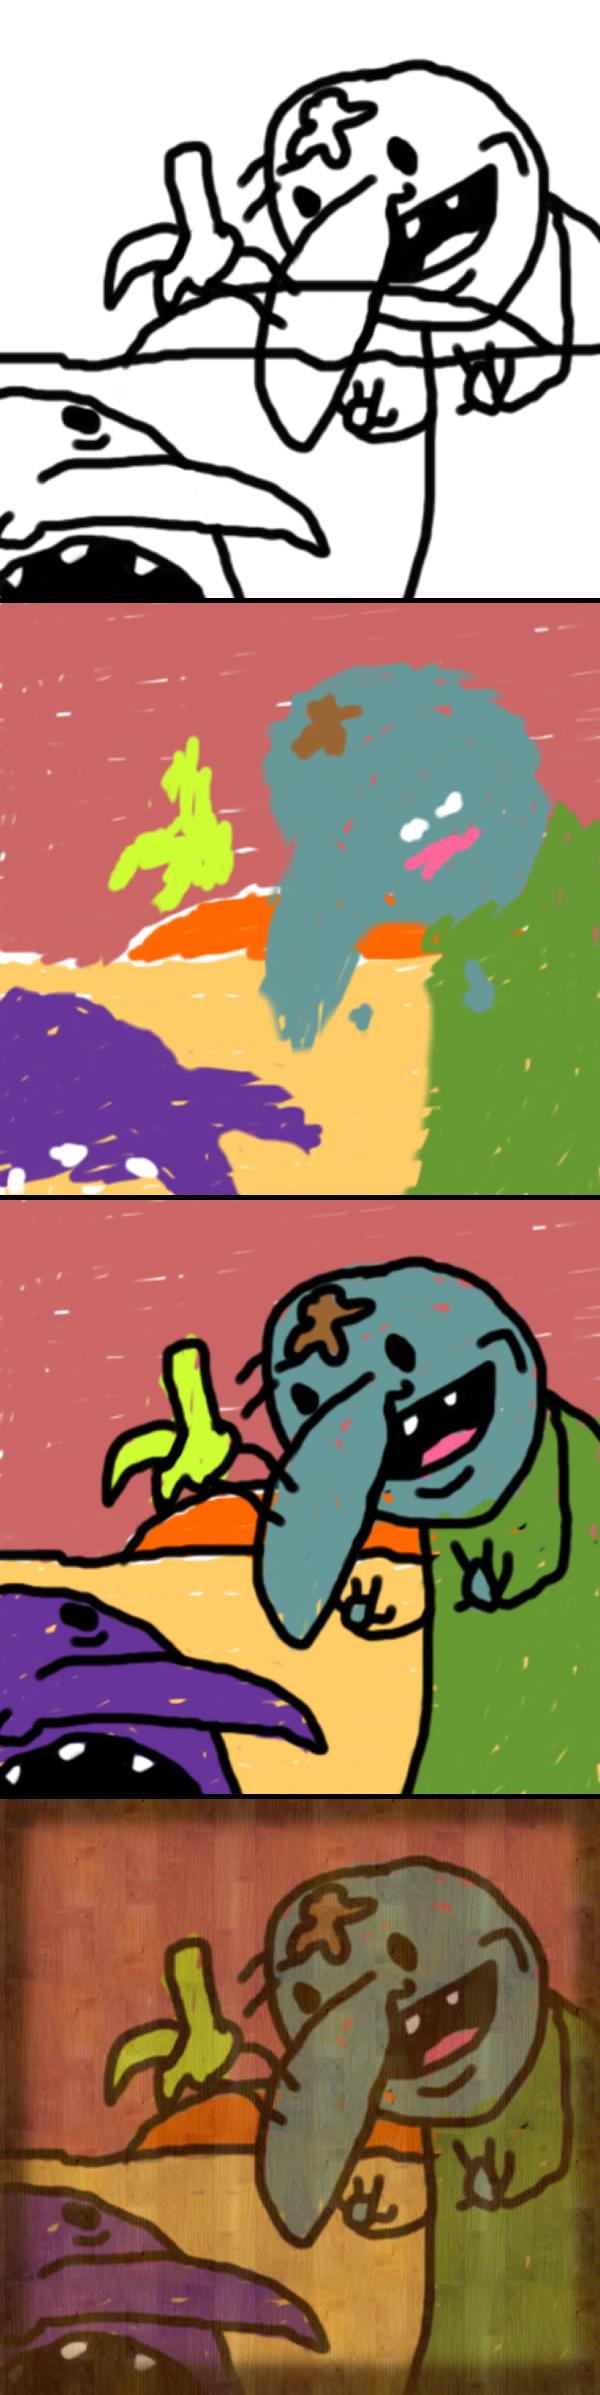 man vs. bird